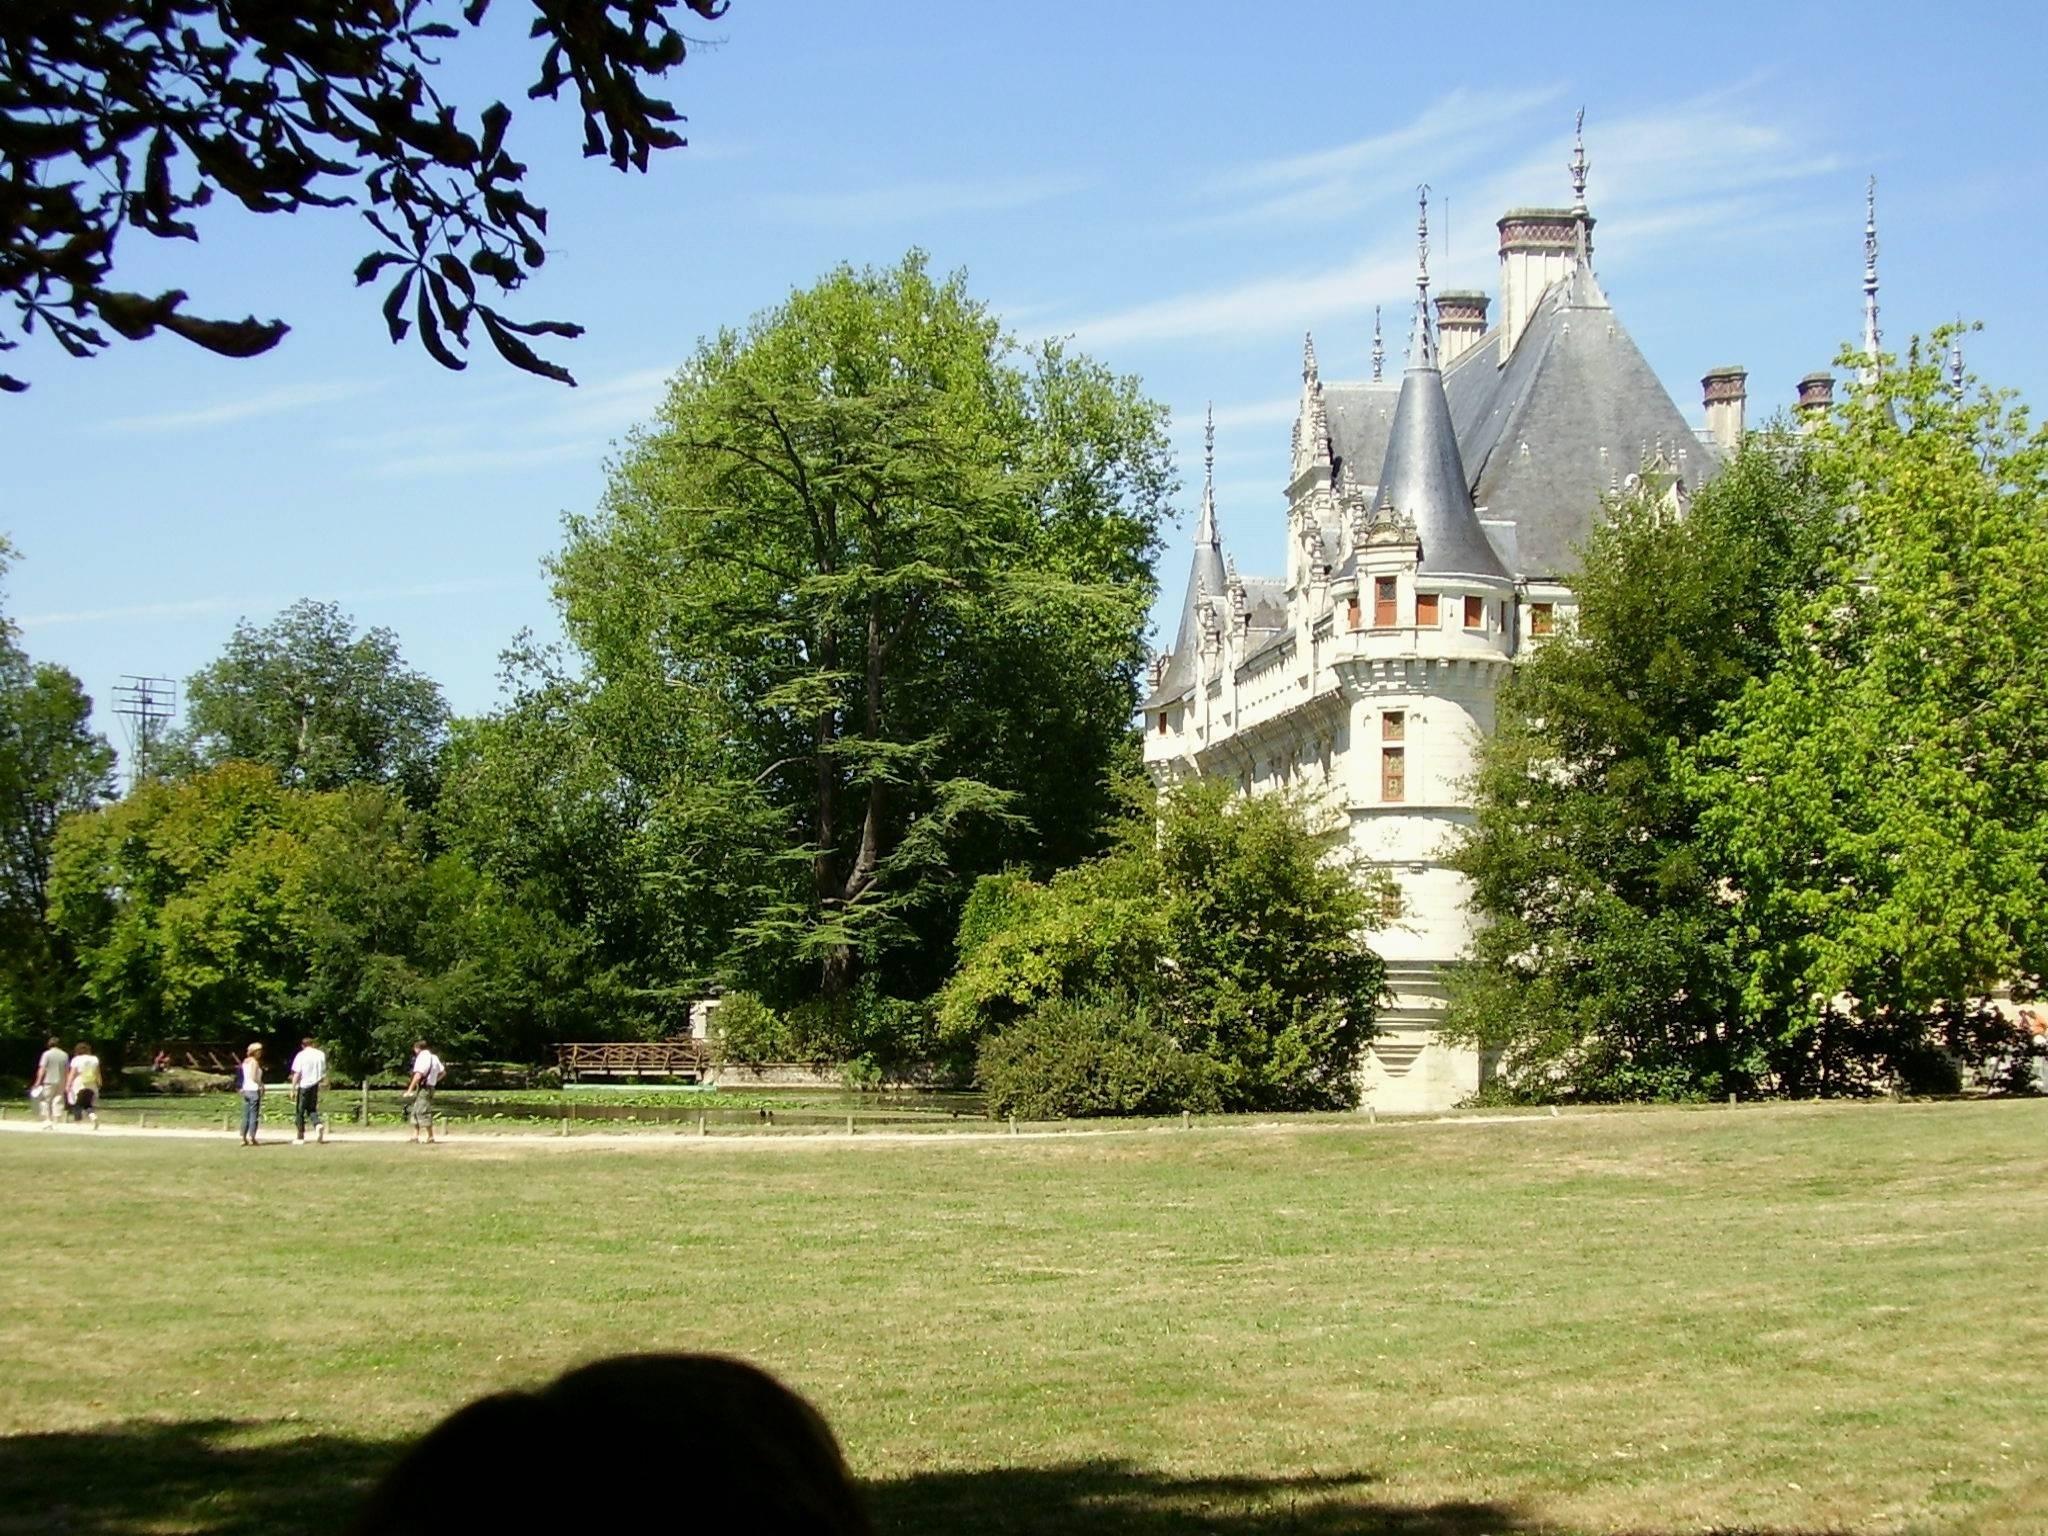 Cheille, Indre-et-Loire (departement), Frankrijk